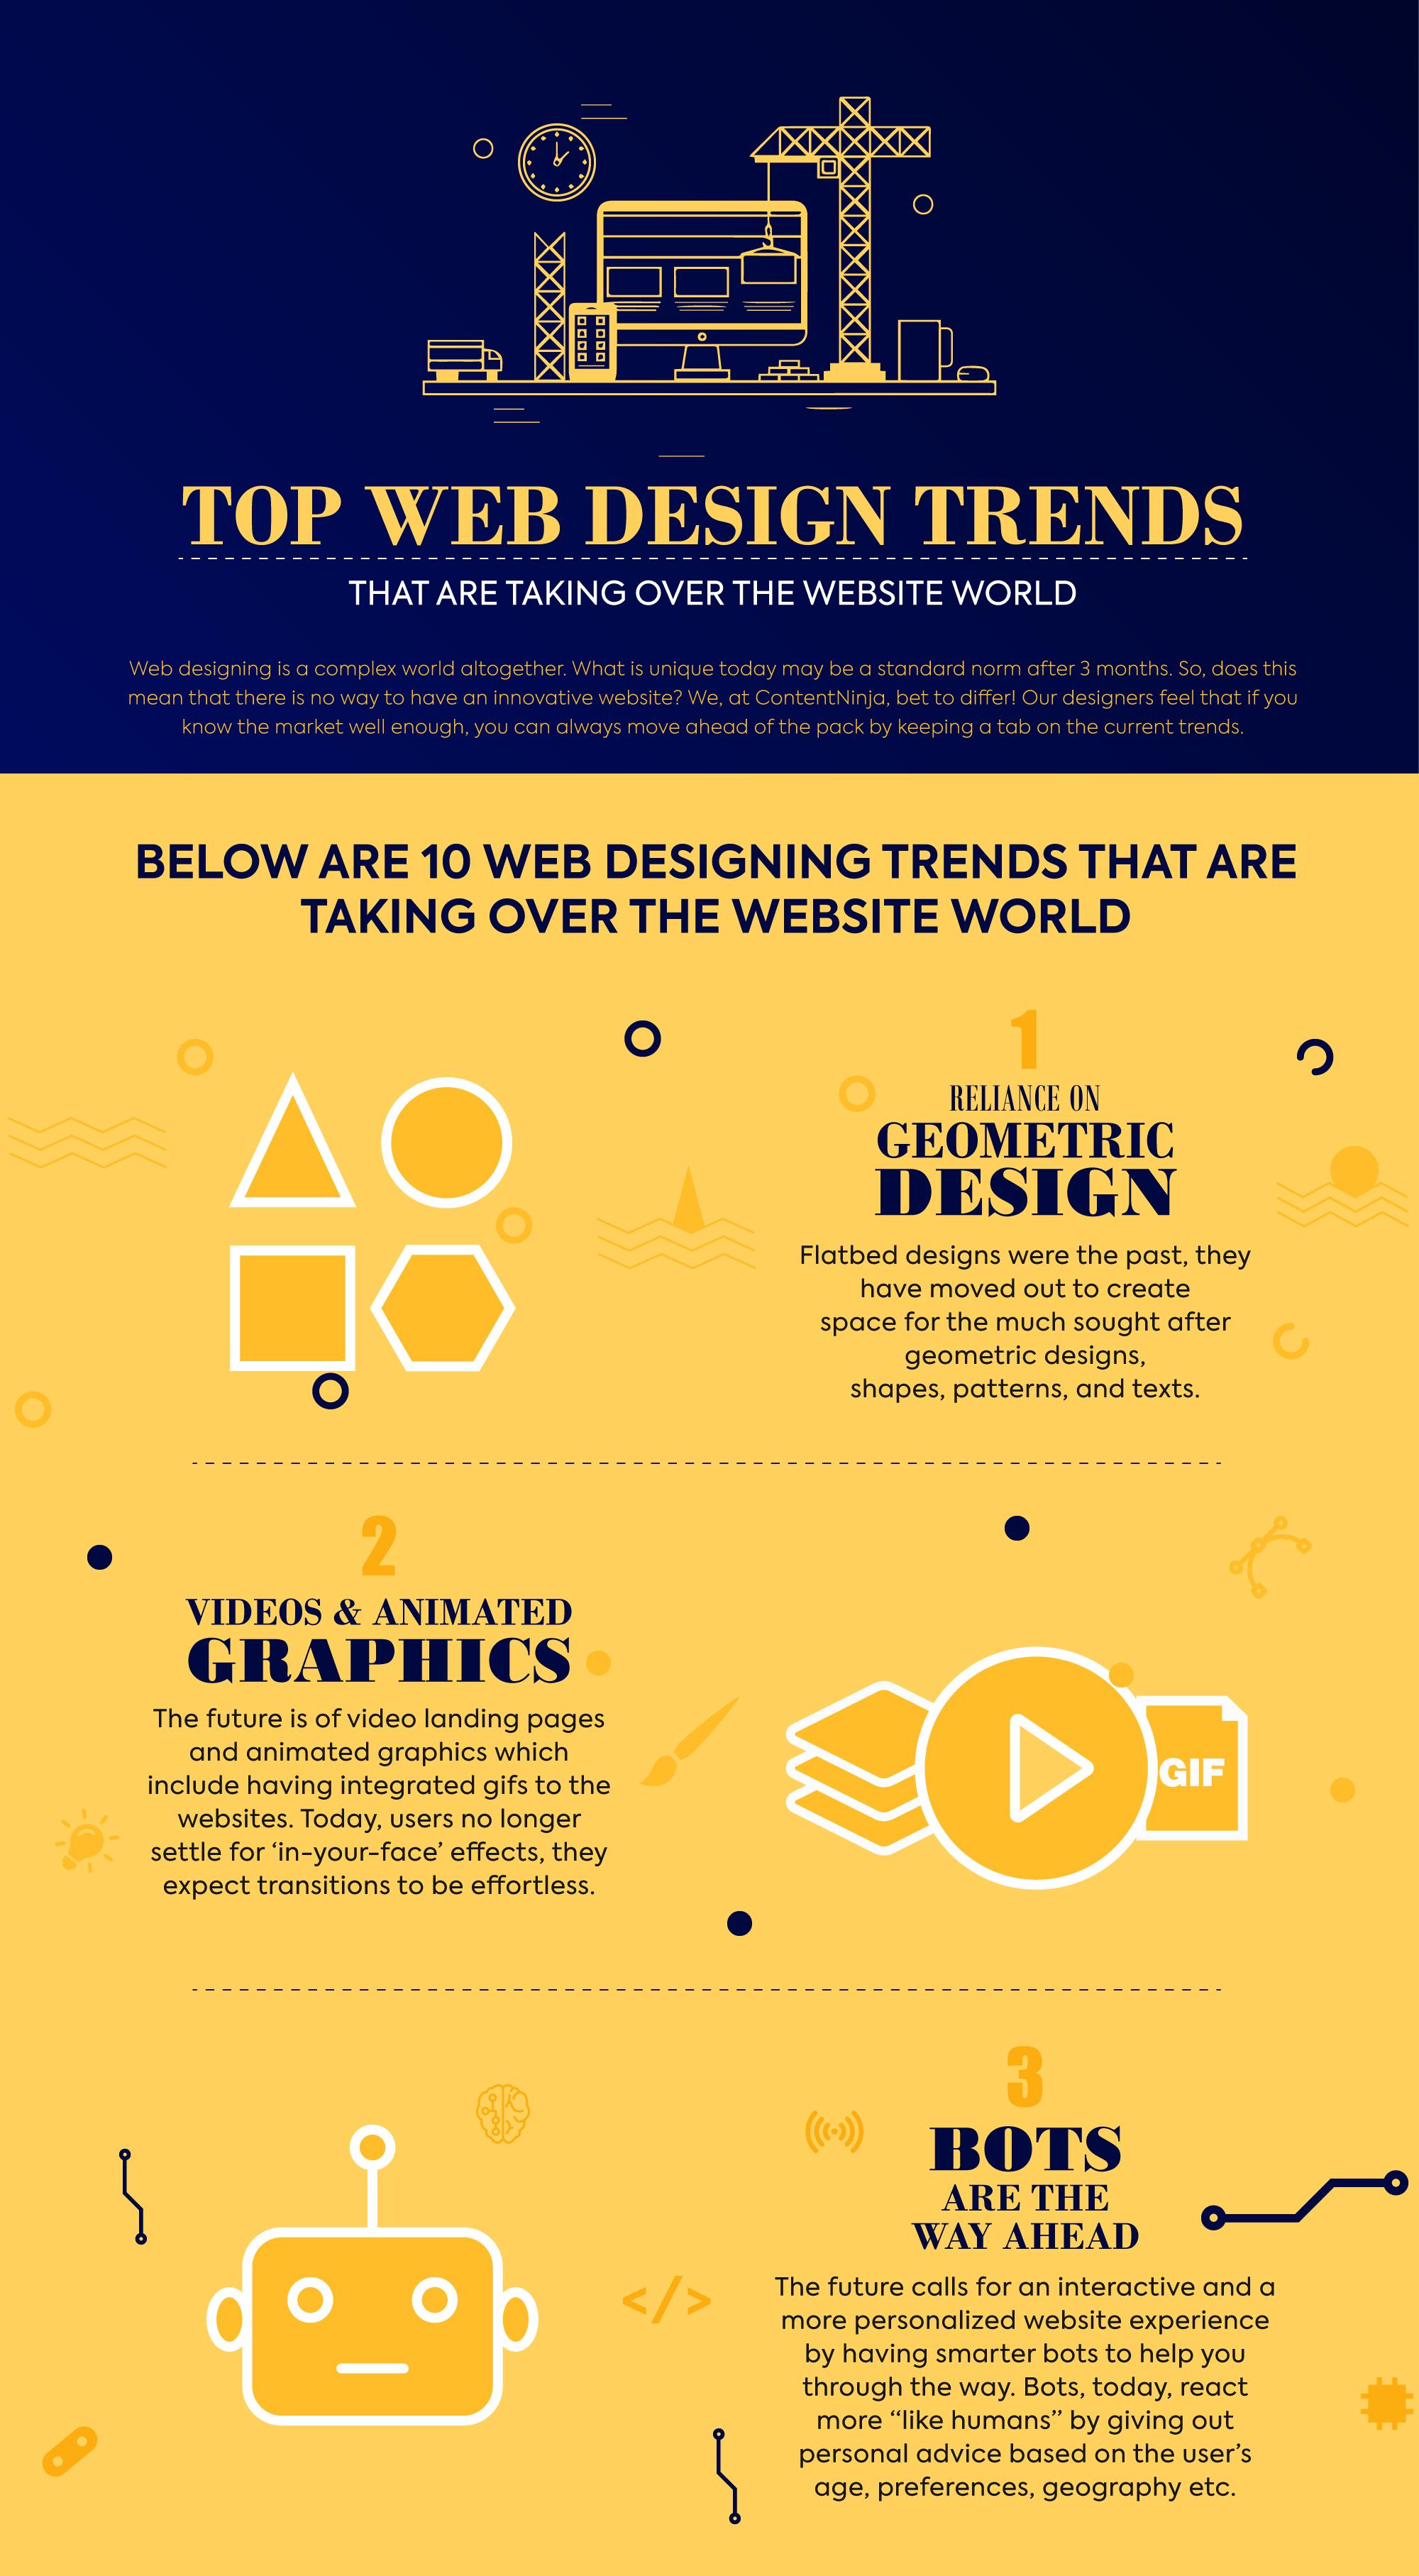 Top-Web-Design-Trends